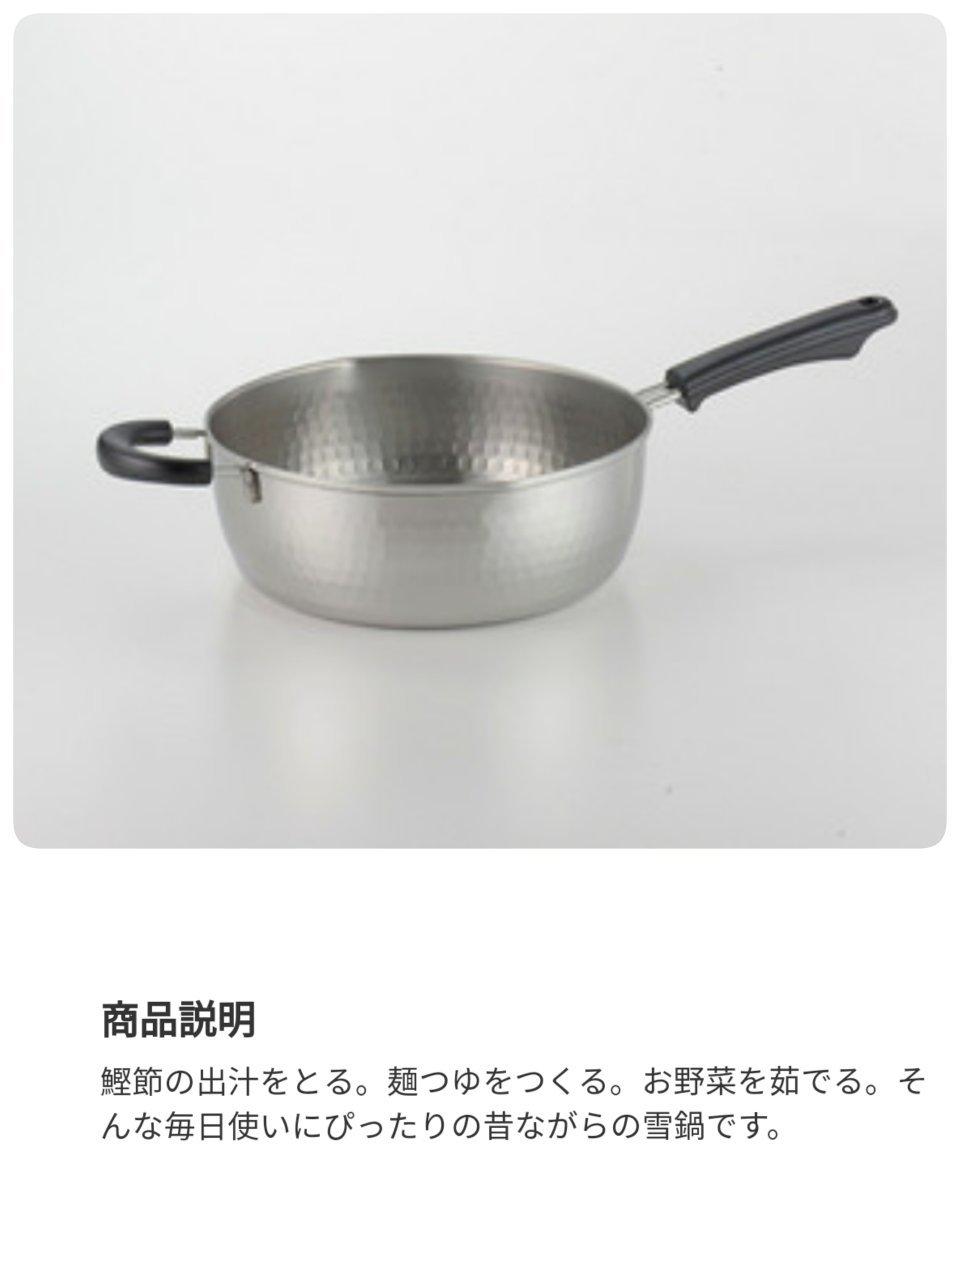 ステンレス雪平鍋入荷_f0255704_19123221.jpg